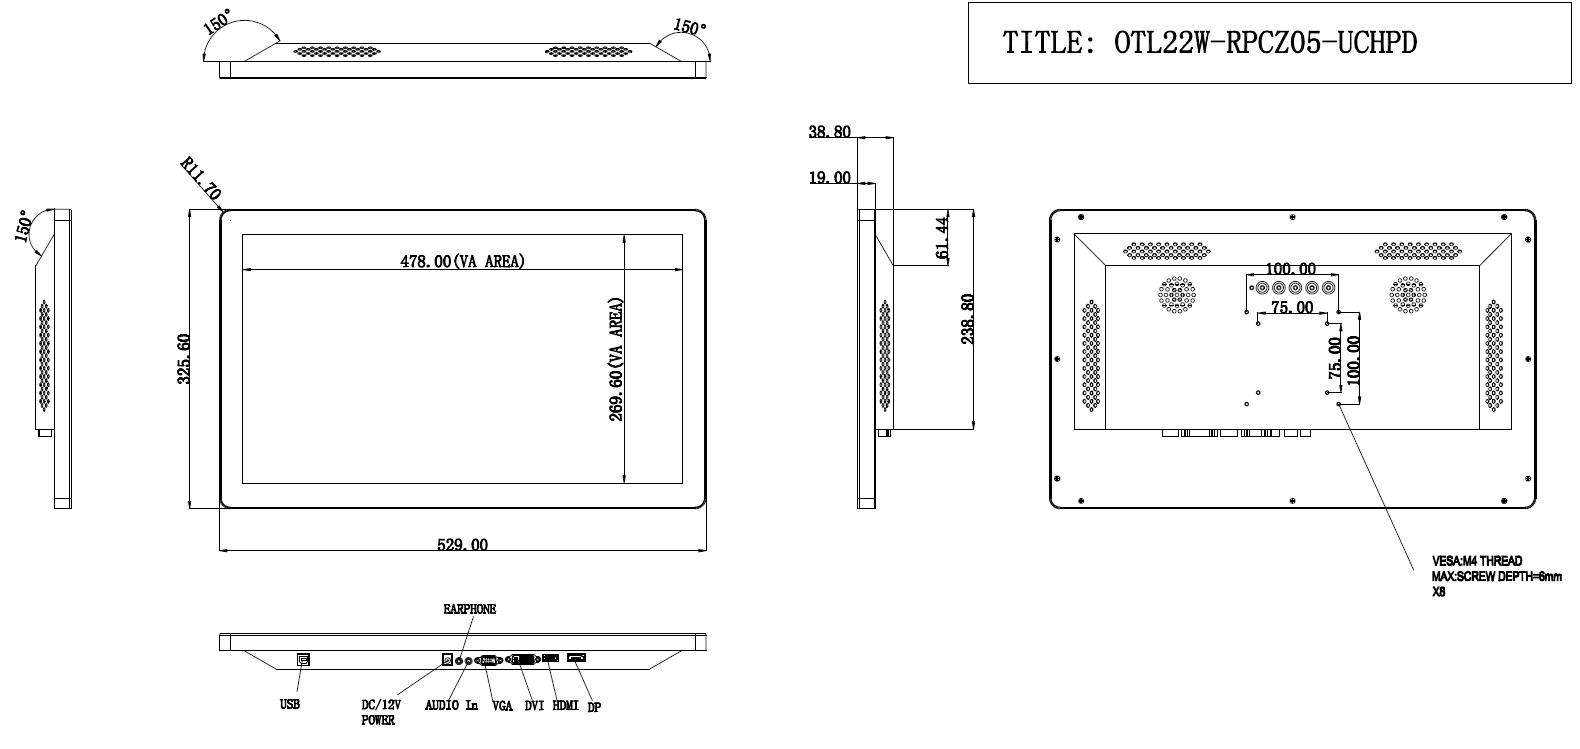 【21.5型】組込・投影型静電容量方式「OTL22W-RPCZ05」